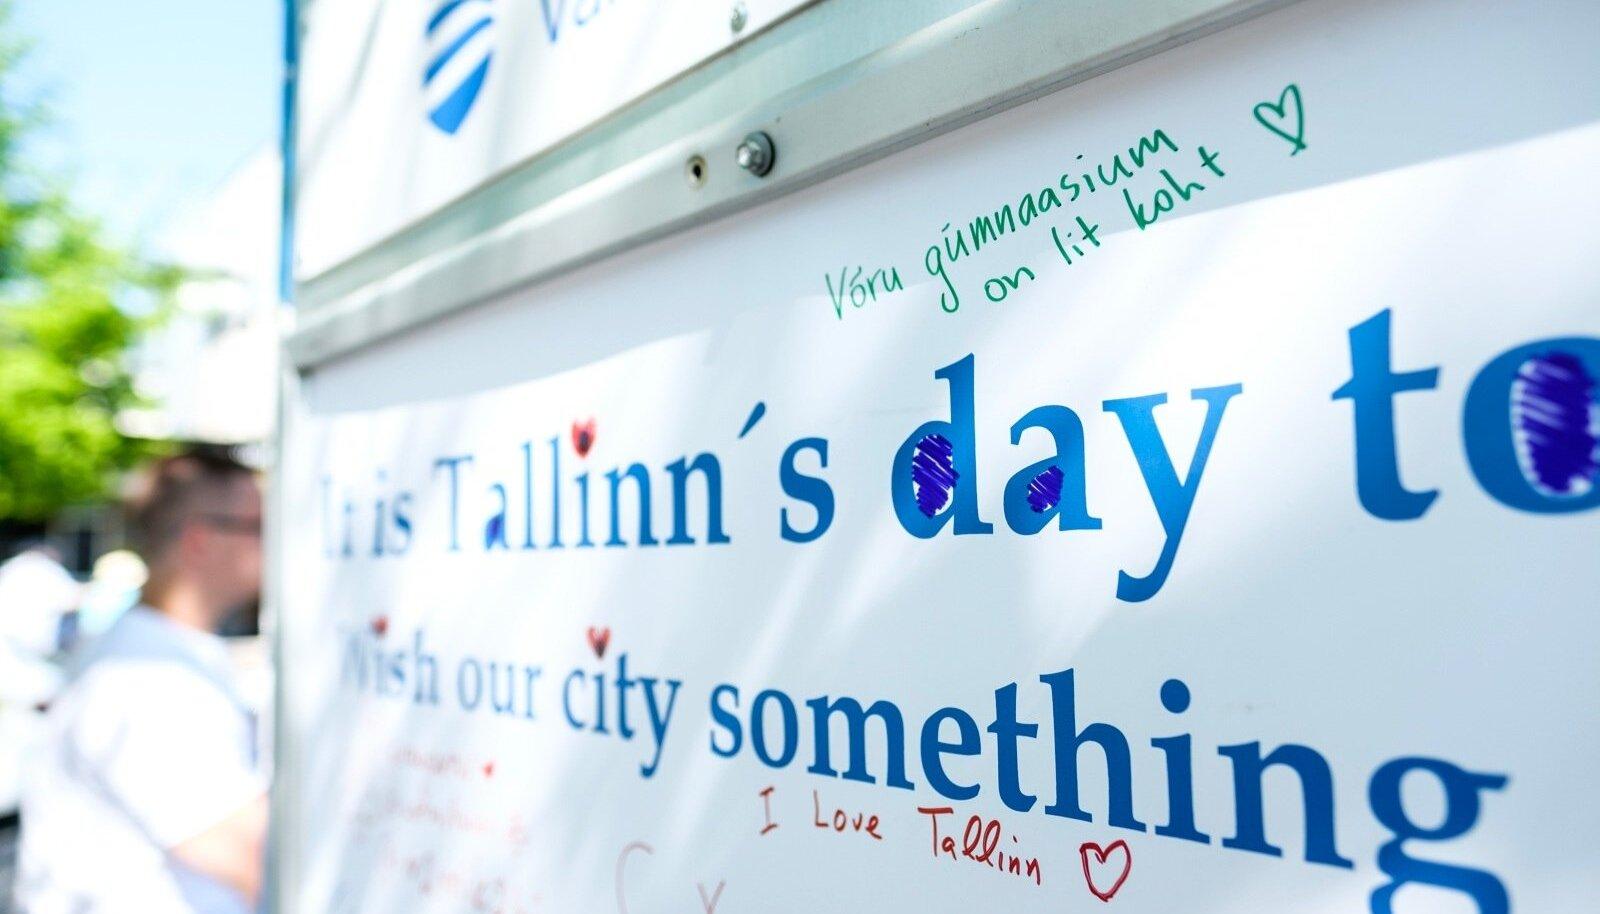 Tallinna päeval, 15.05.2018, püstitati Tallinna kesklinna soovitahvlid, kus möödujad said häid soove edastada Tallinna linnale.